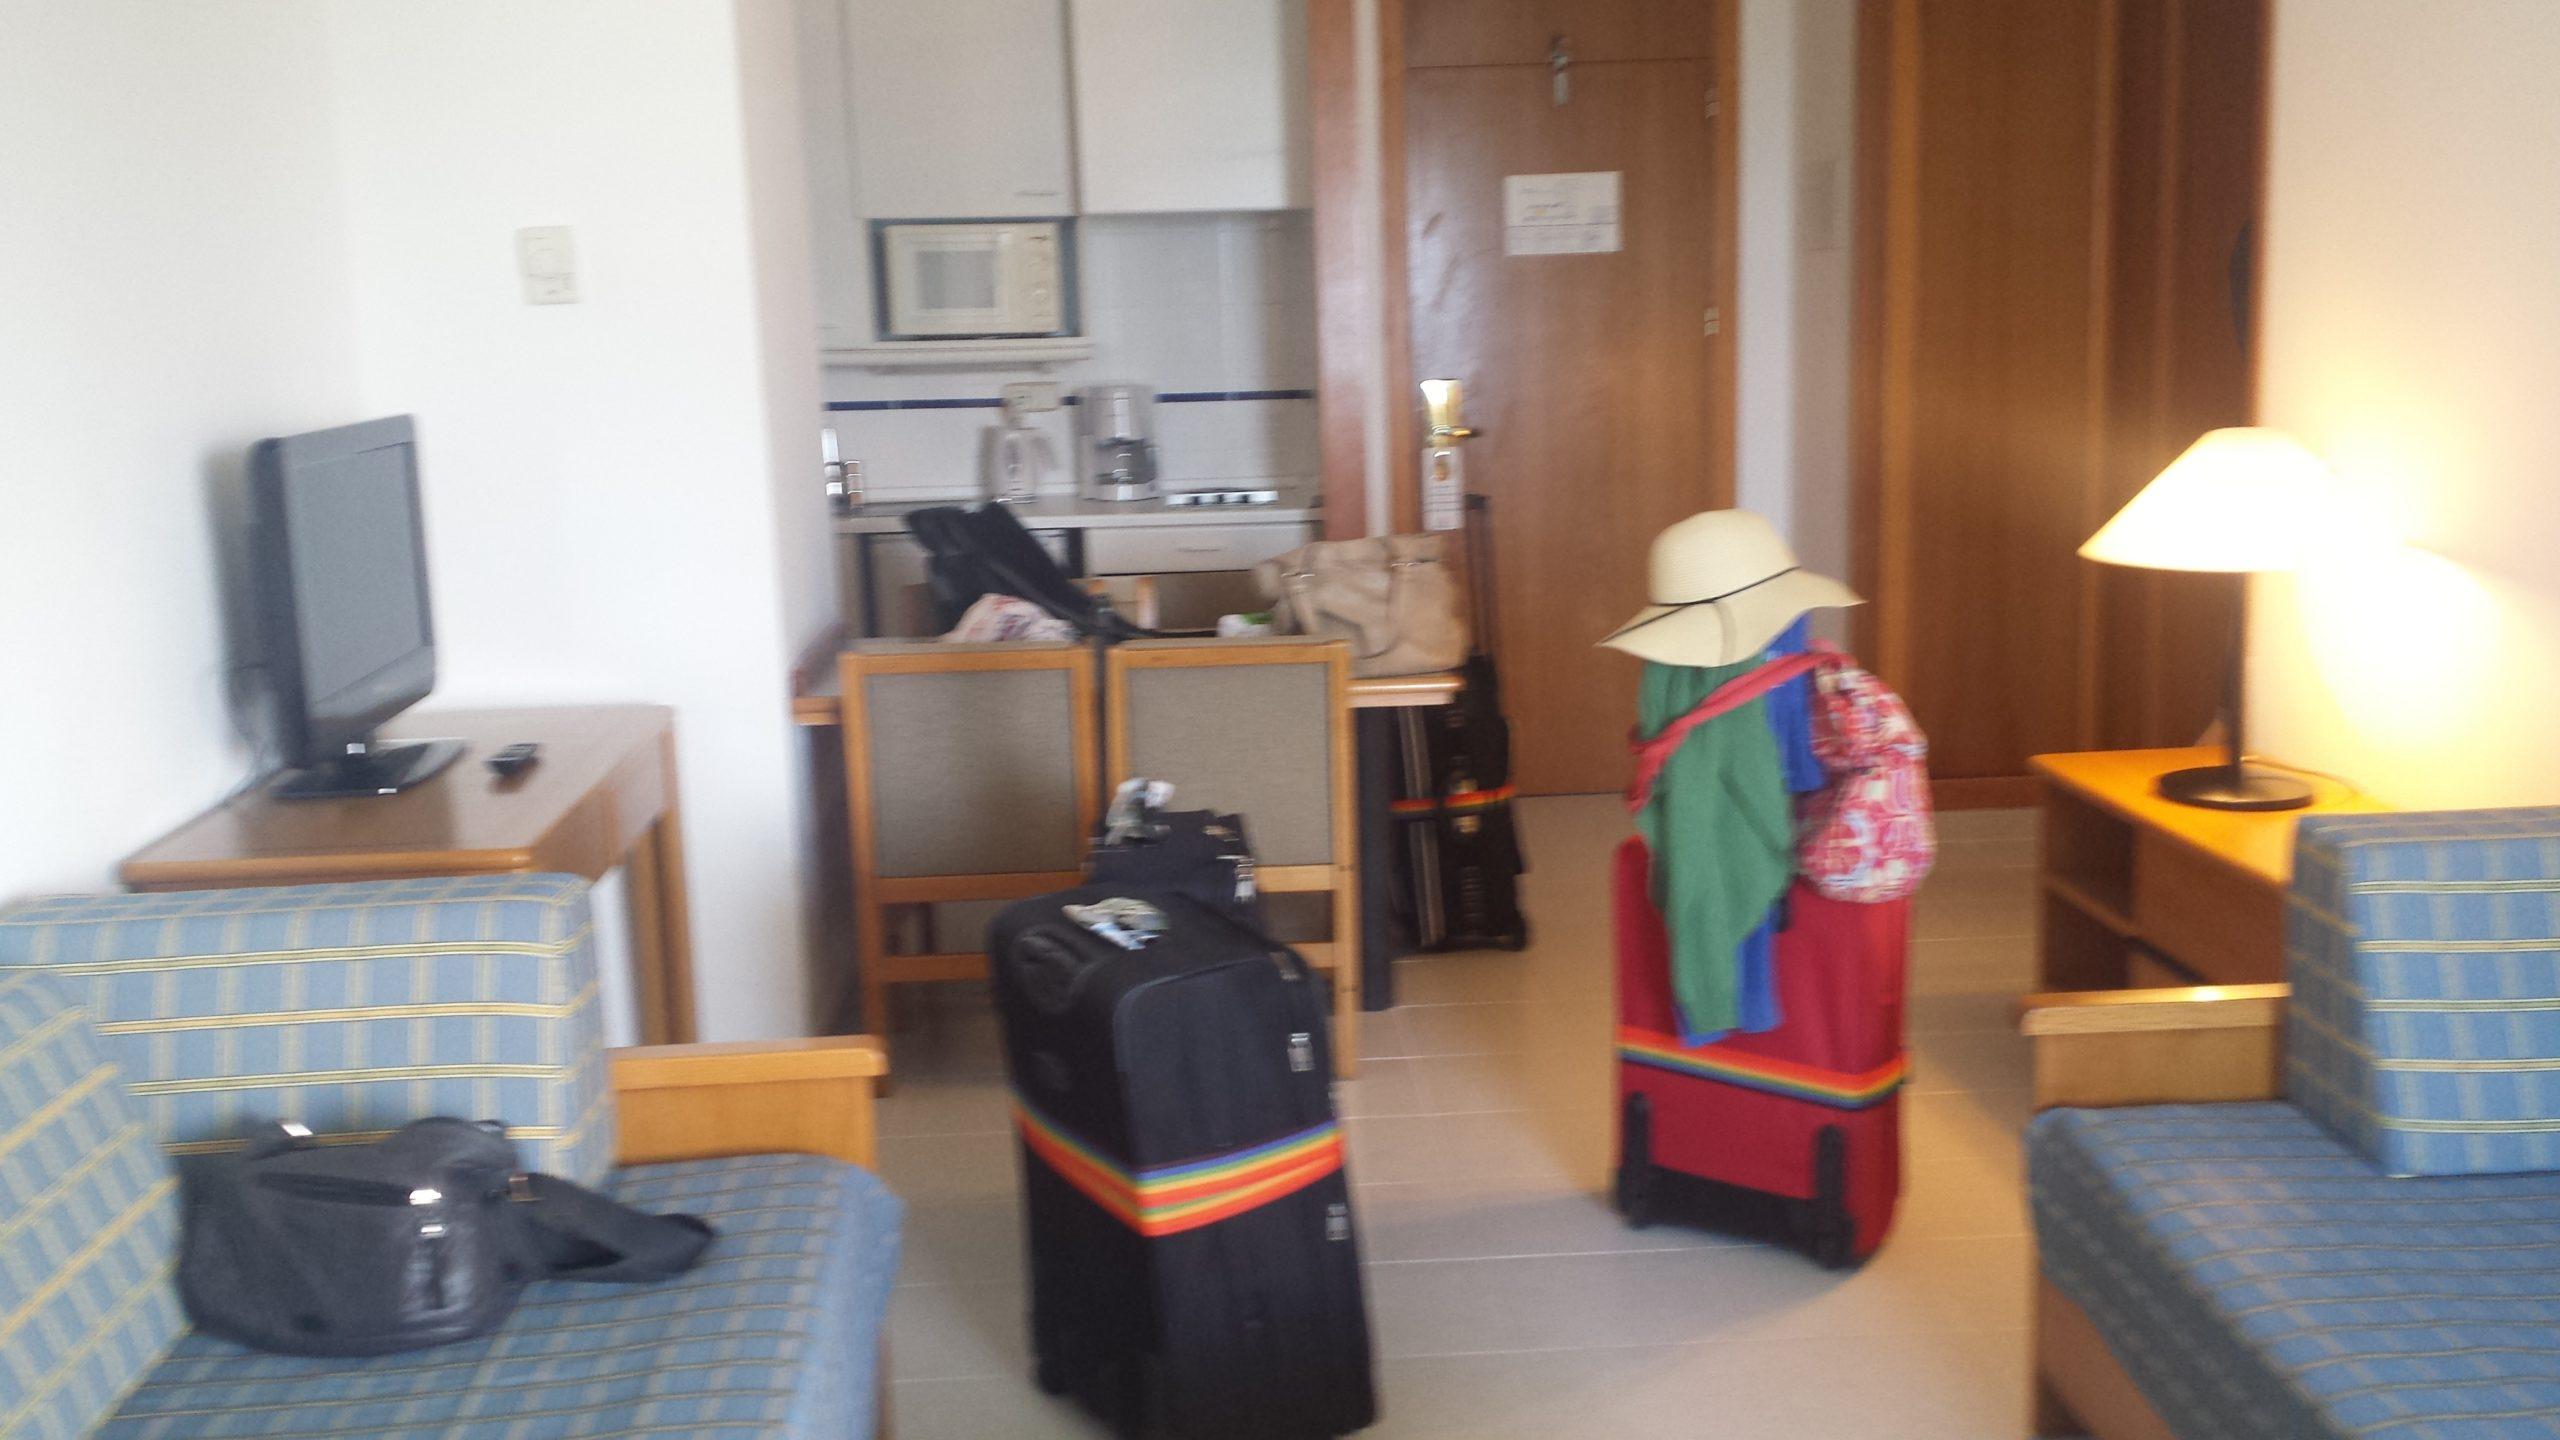 Apartementwohnzimmer mit Küche und Schlafcouches, es gab noch ein Bad und ein Schlafzimmer.